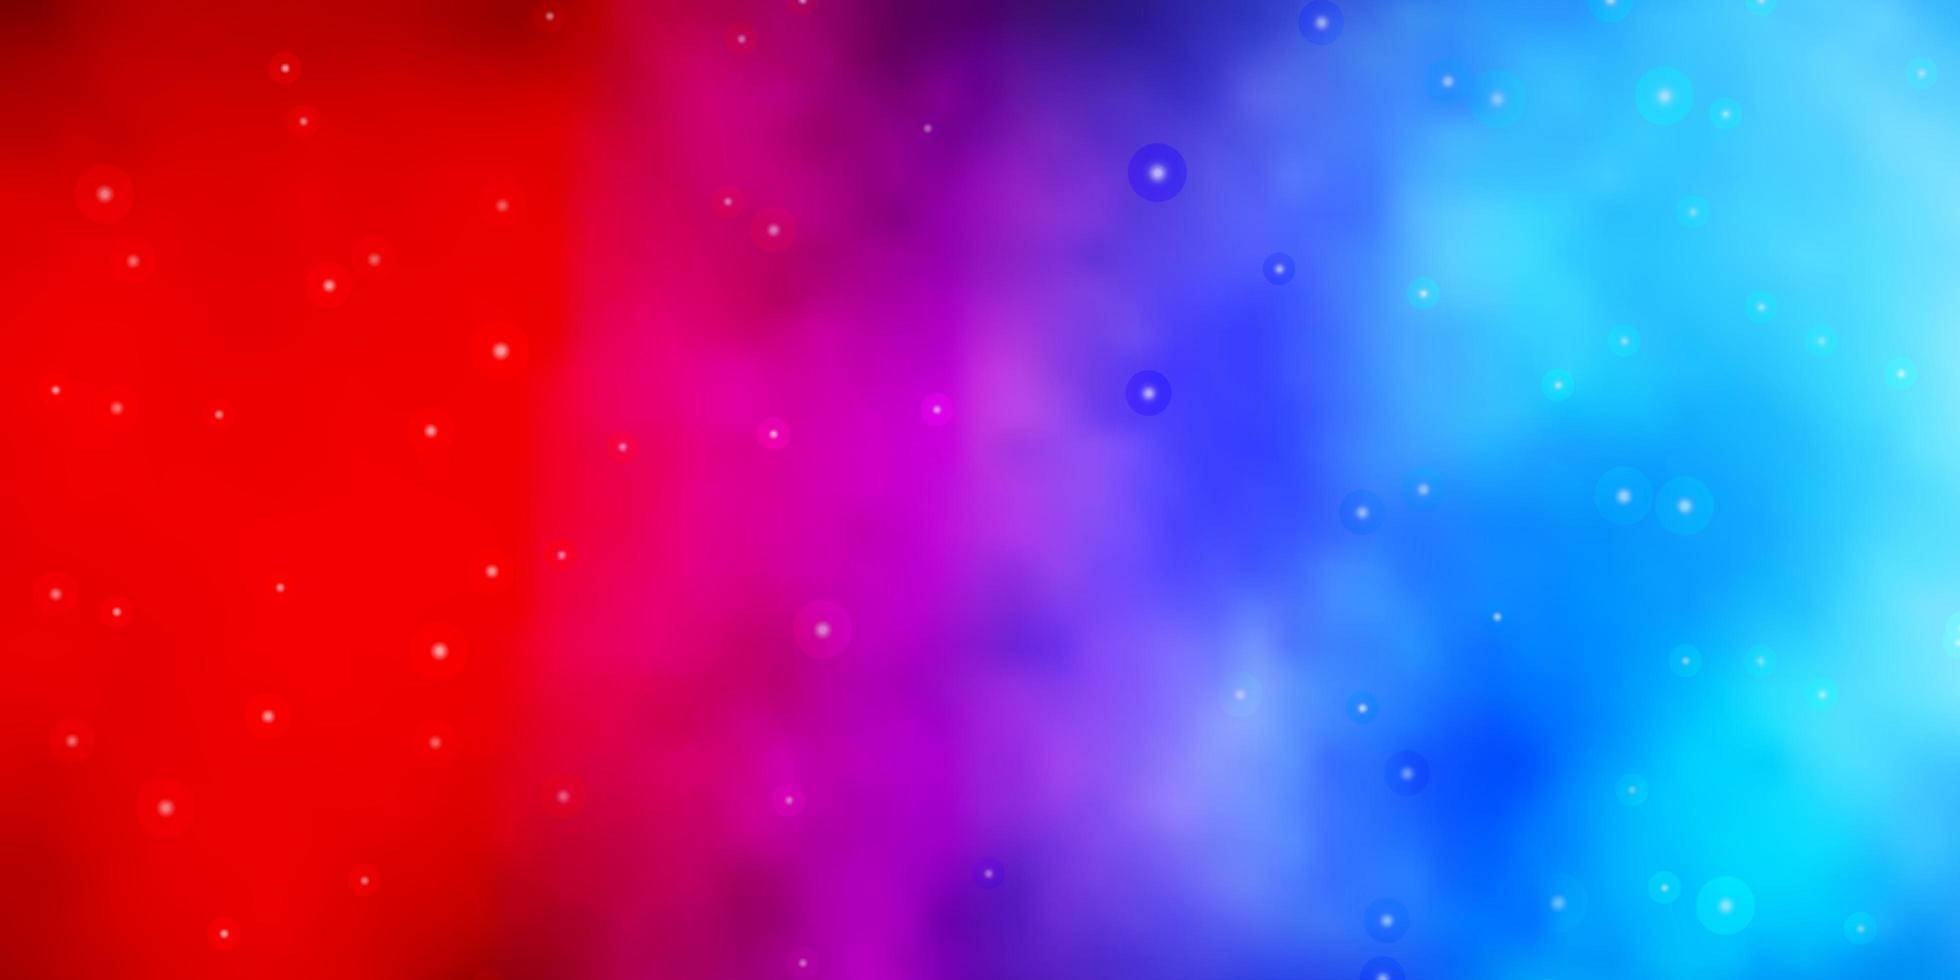 blauwe en rode textuur met prachtige sterren. vector